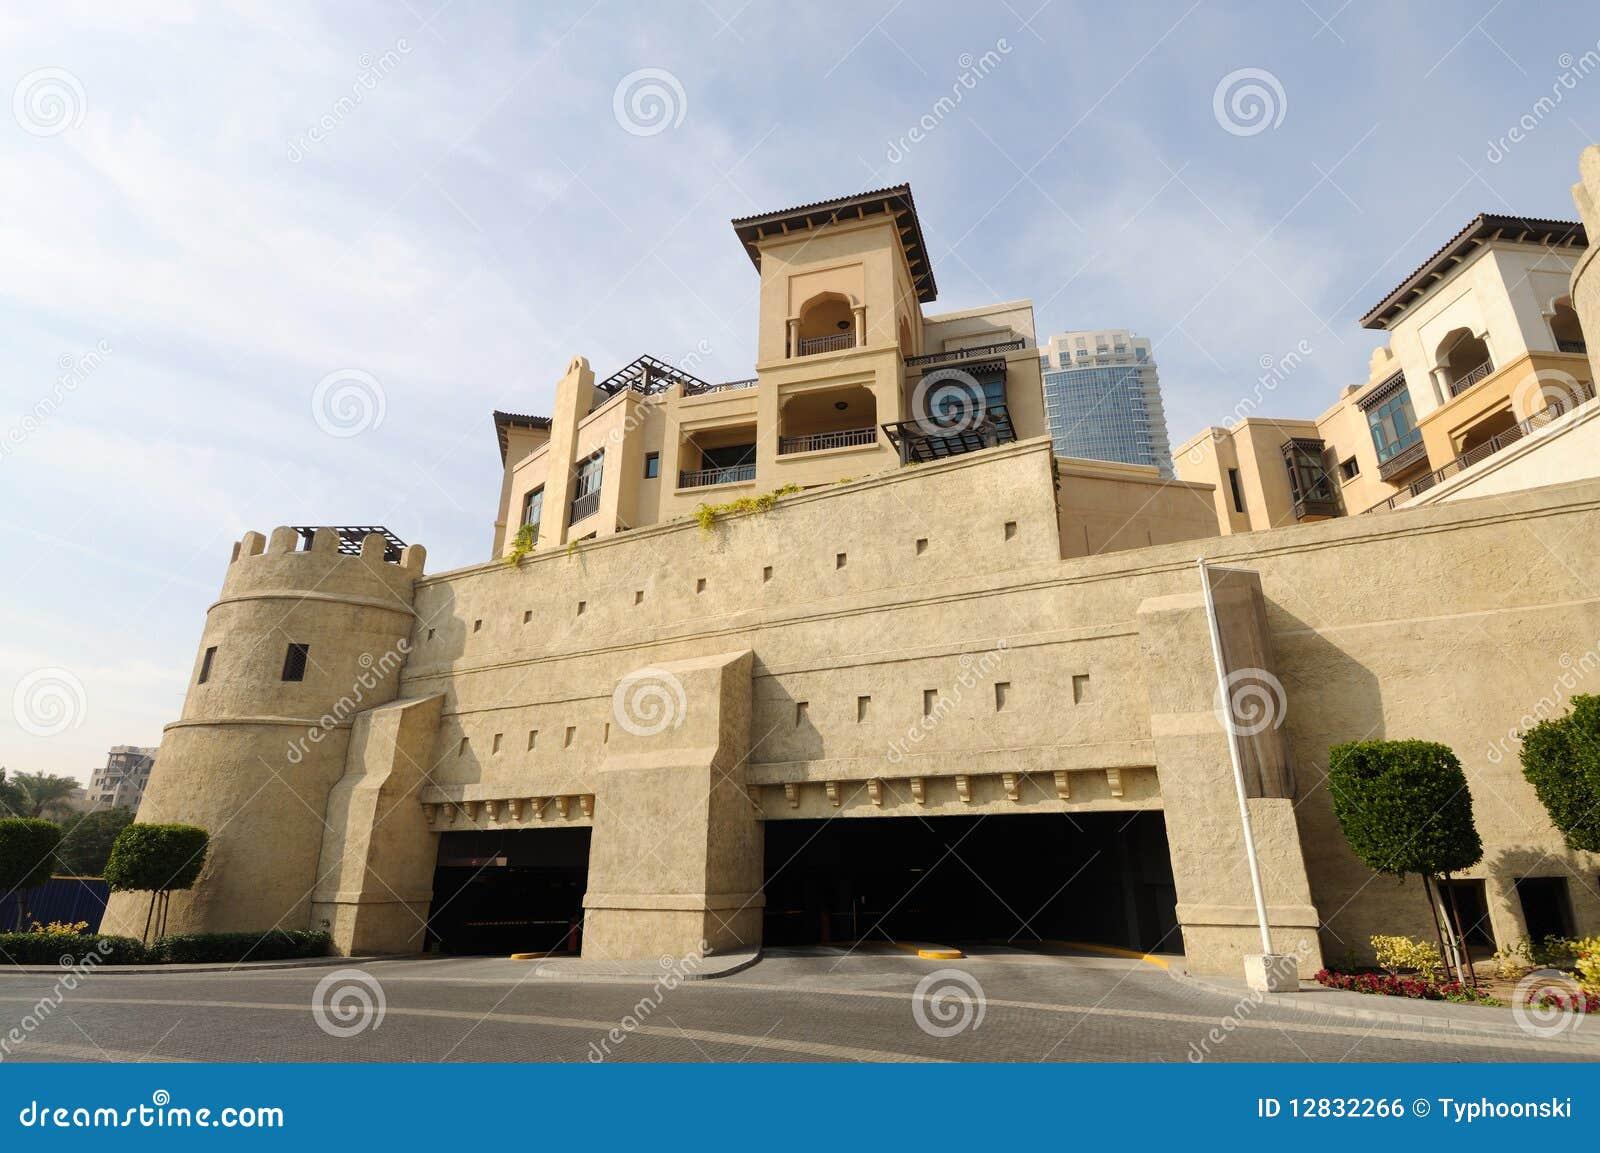 architecture moderne de type arabe image libre de droits